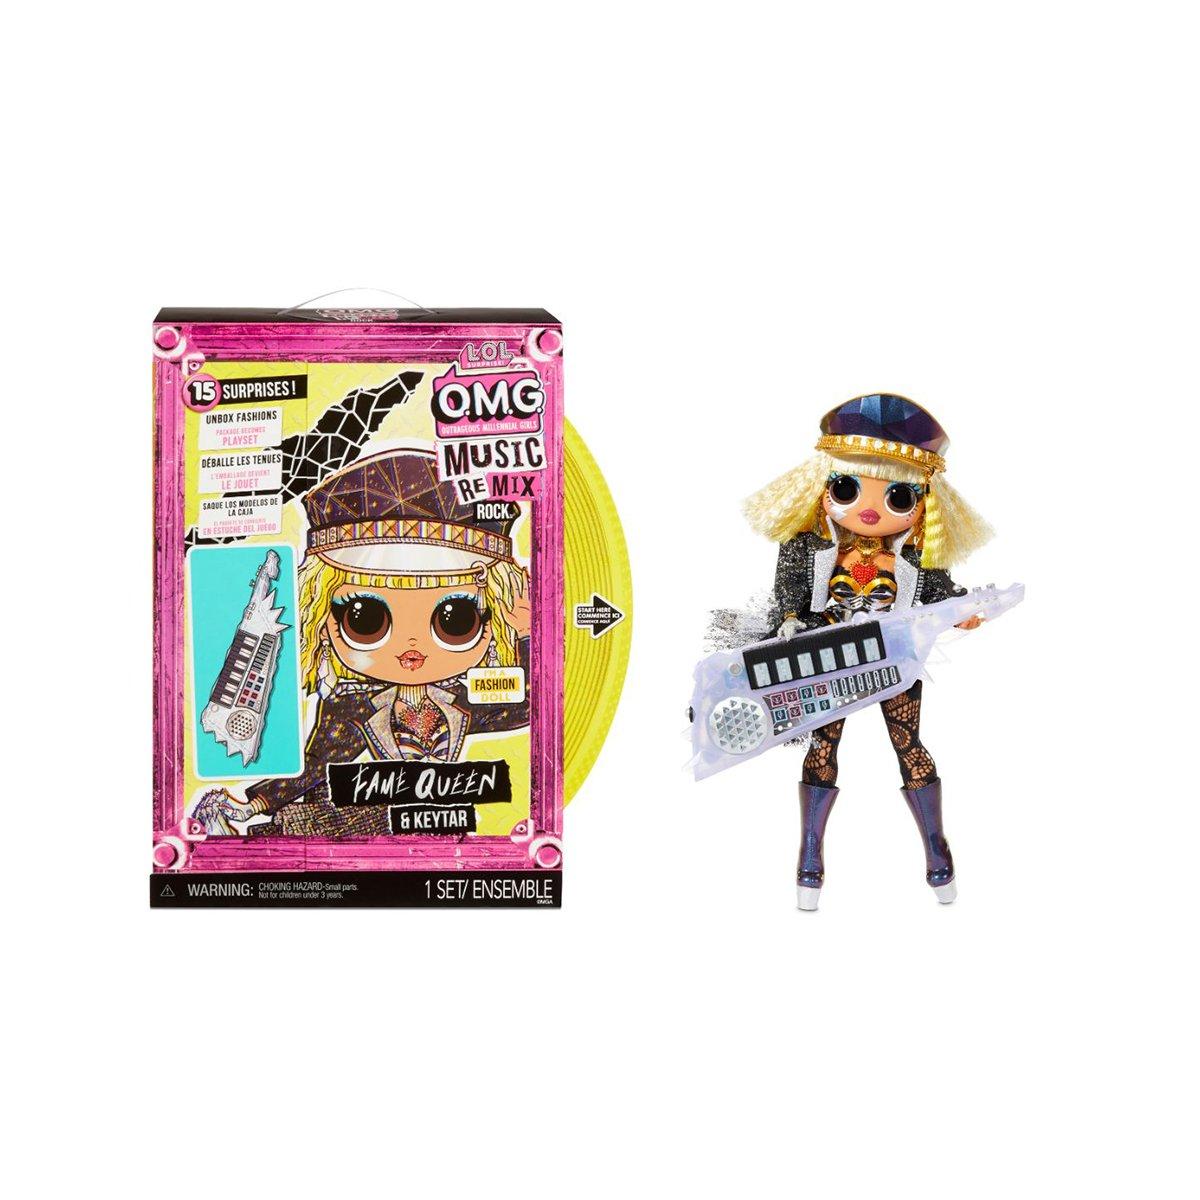 Papusa LOL Surprise OMG Remix Rock, Fame Queen cu orga si 15 surprize, 577607EUC